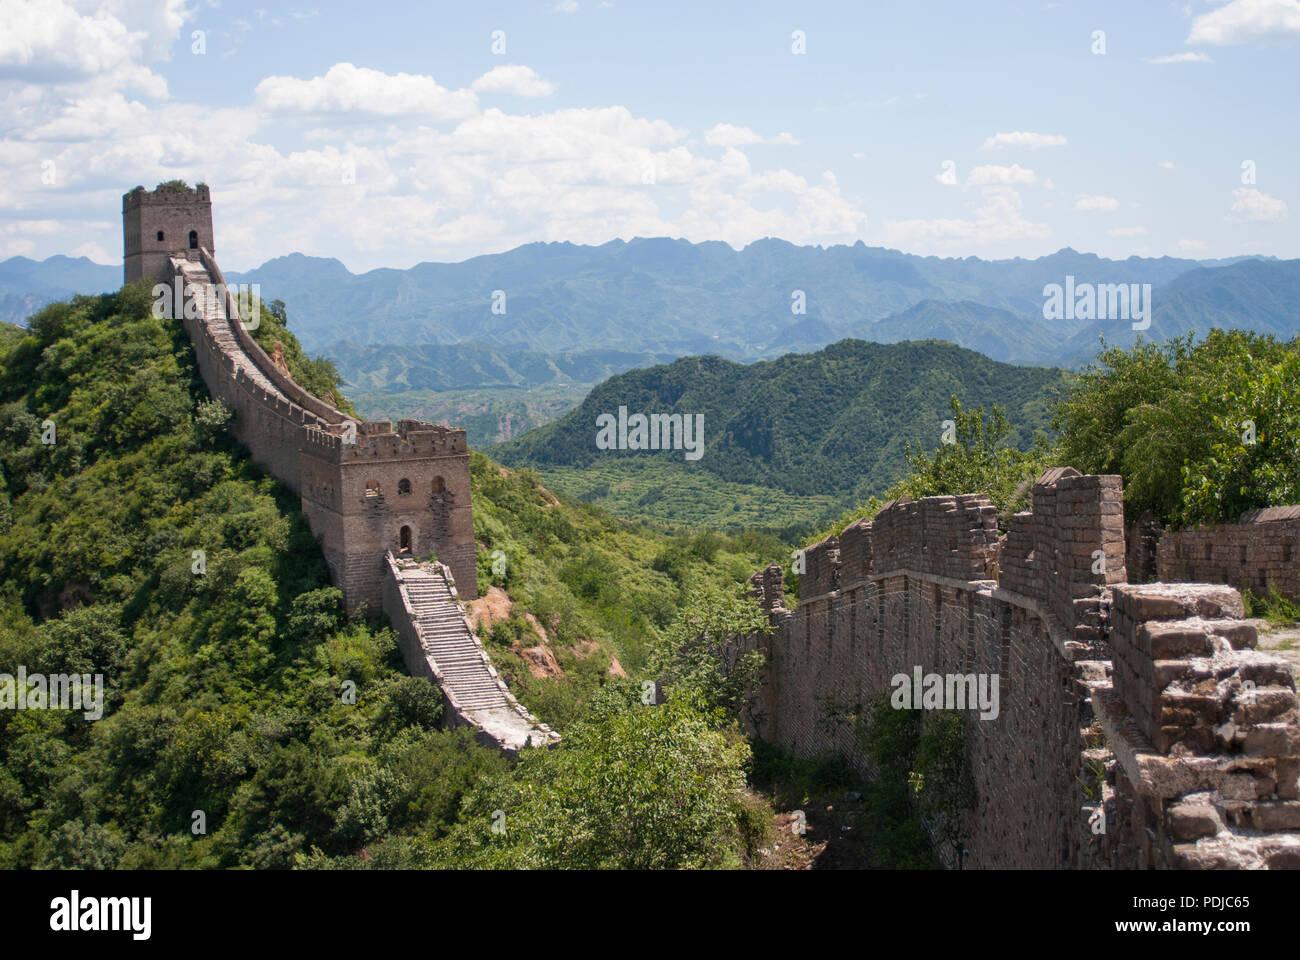 La Grande Muraglia della Cina a Jinshanling, un popolare percorso escursionistico e uno dei meglio conservati di parti della Grande Muraglia con molte caratteristiche originali. Immagini Stock